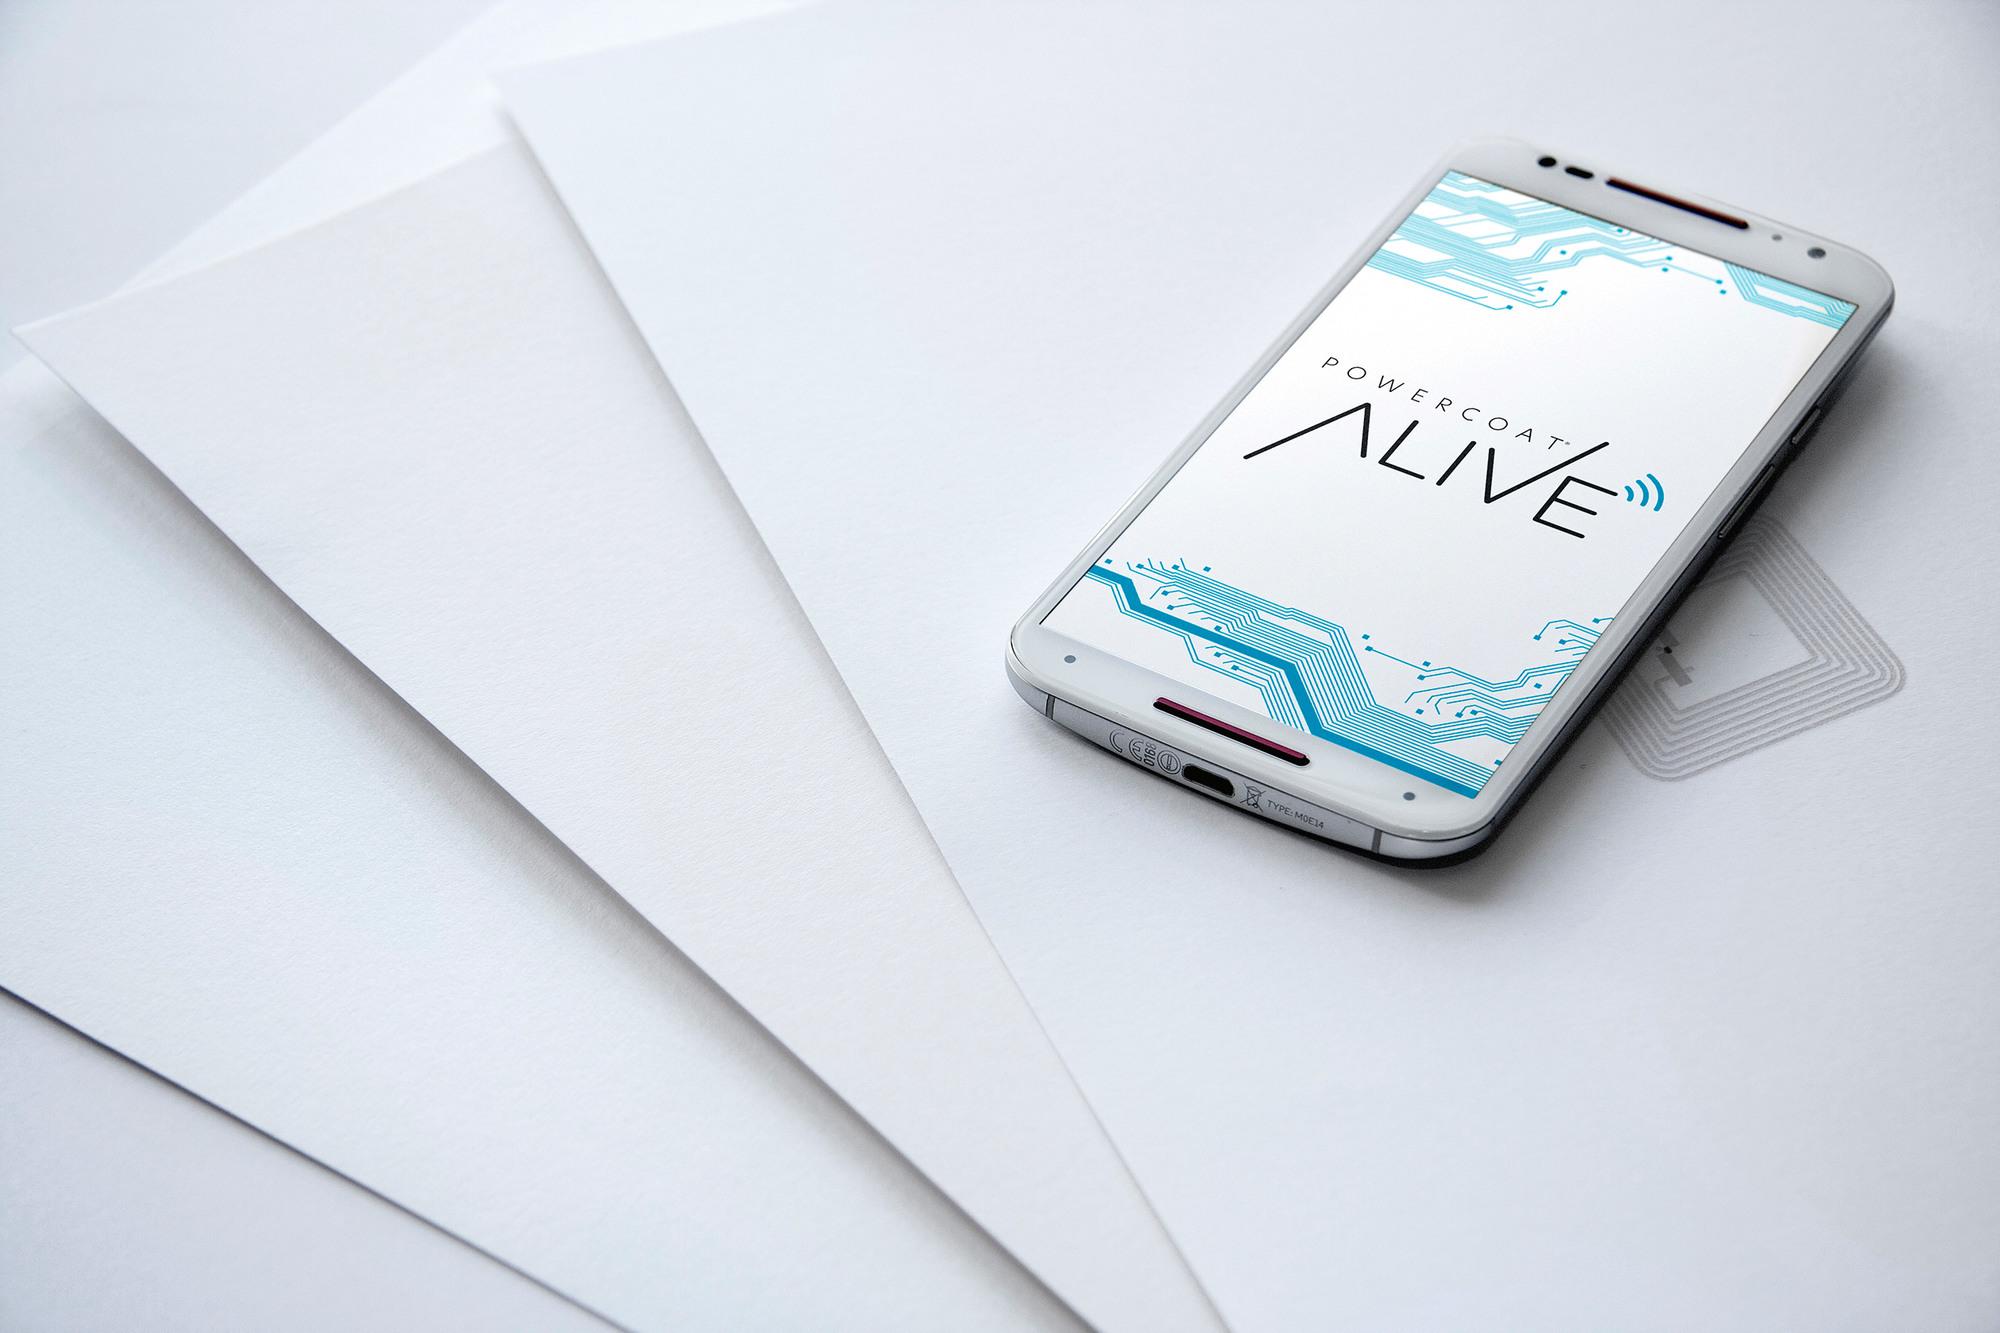 Mit PowerCoat Alive ist bei Antalis ein Papier erhältlich, welches einen integrierten NFC-Chip besitzt.